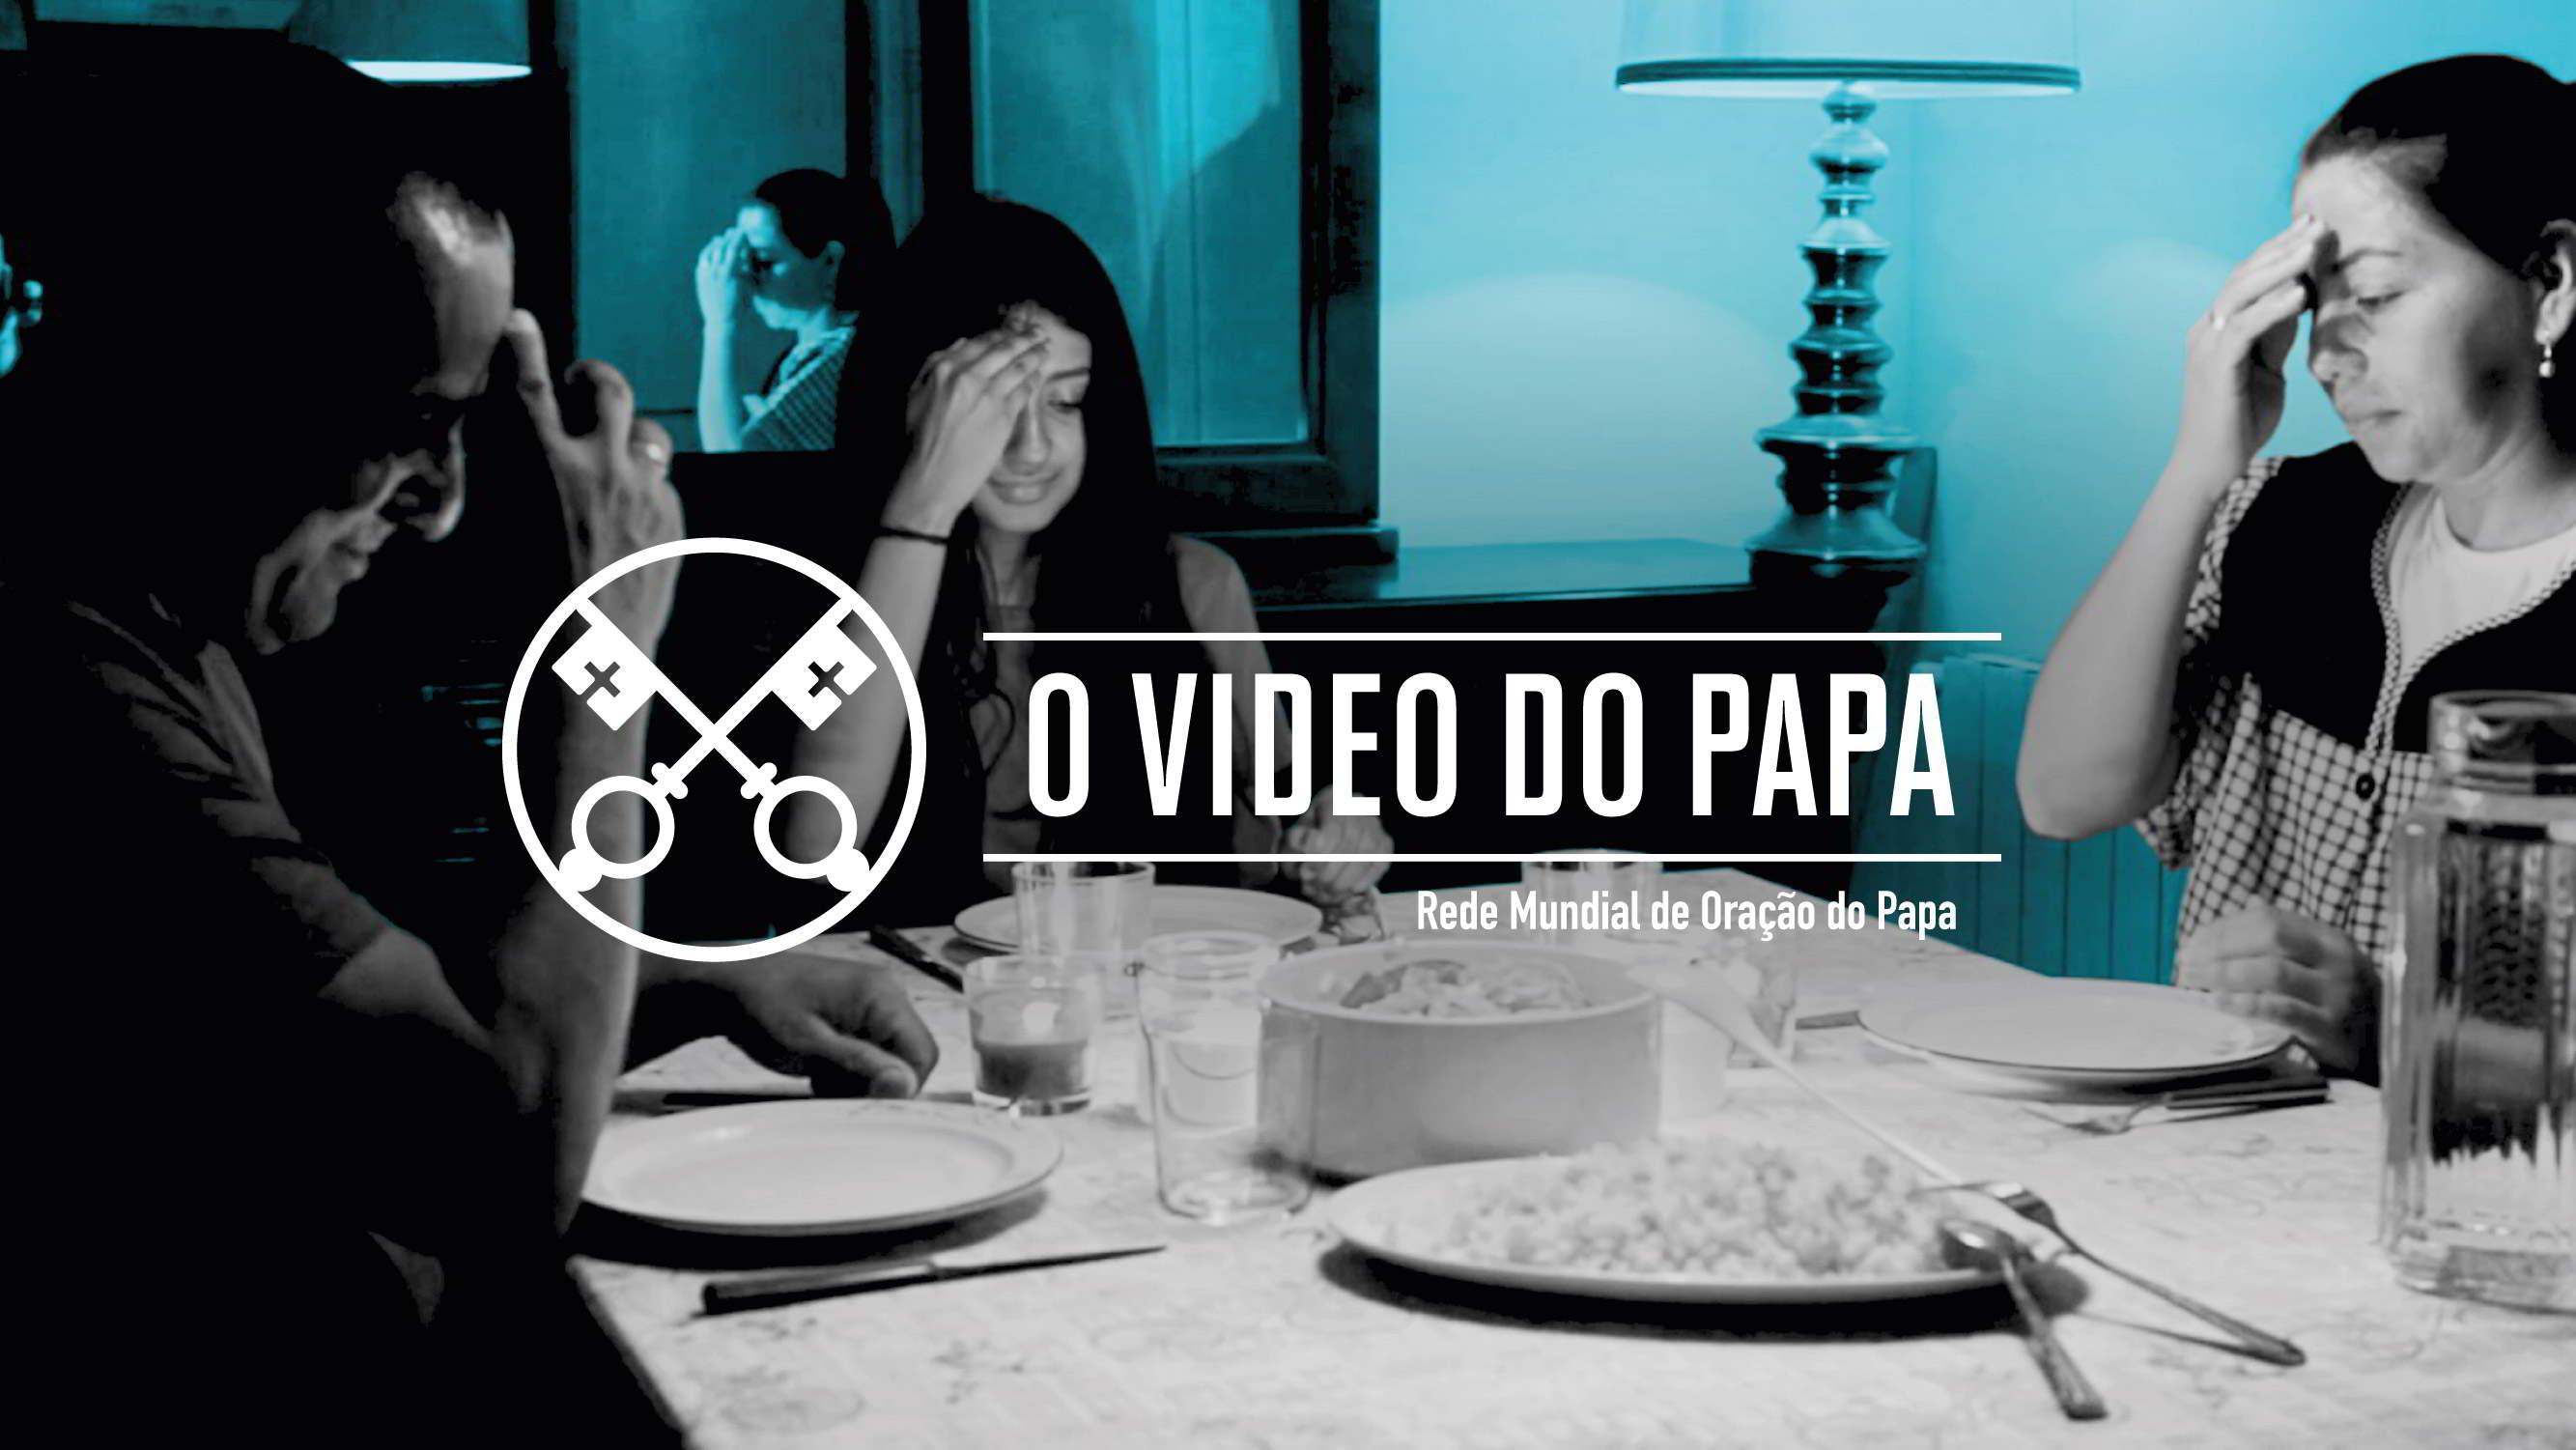 Official-Image-TPV-8-2019-4-PT-As-Familias-um-laboratorio-de-humanizacao